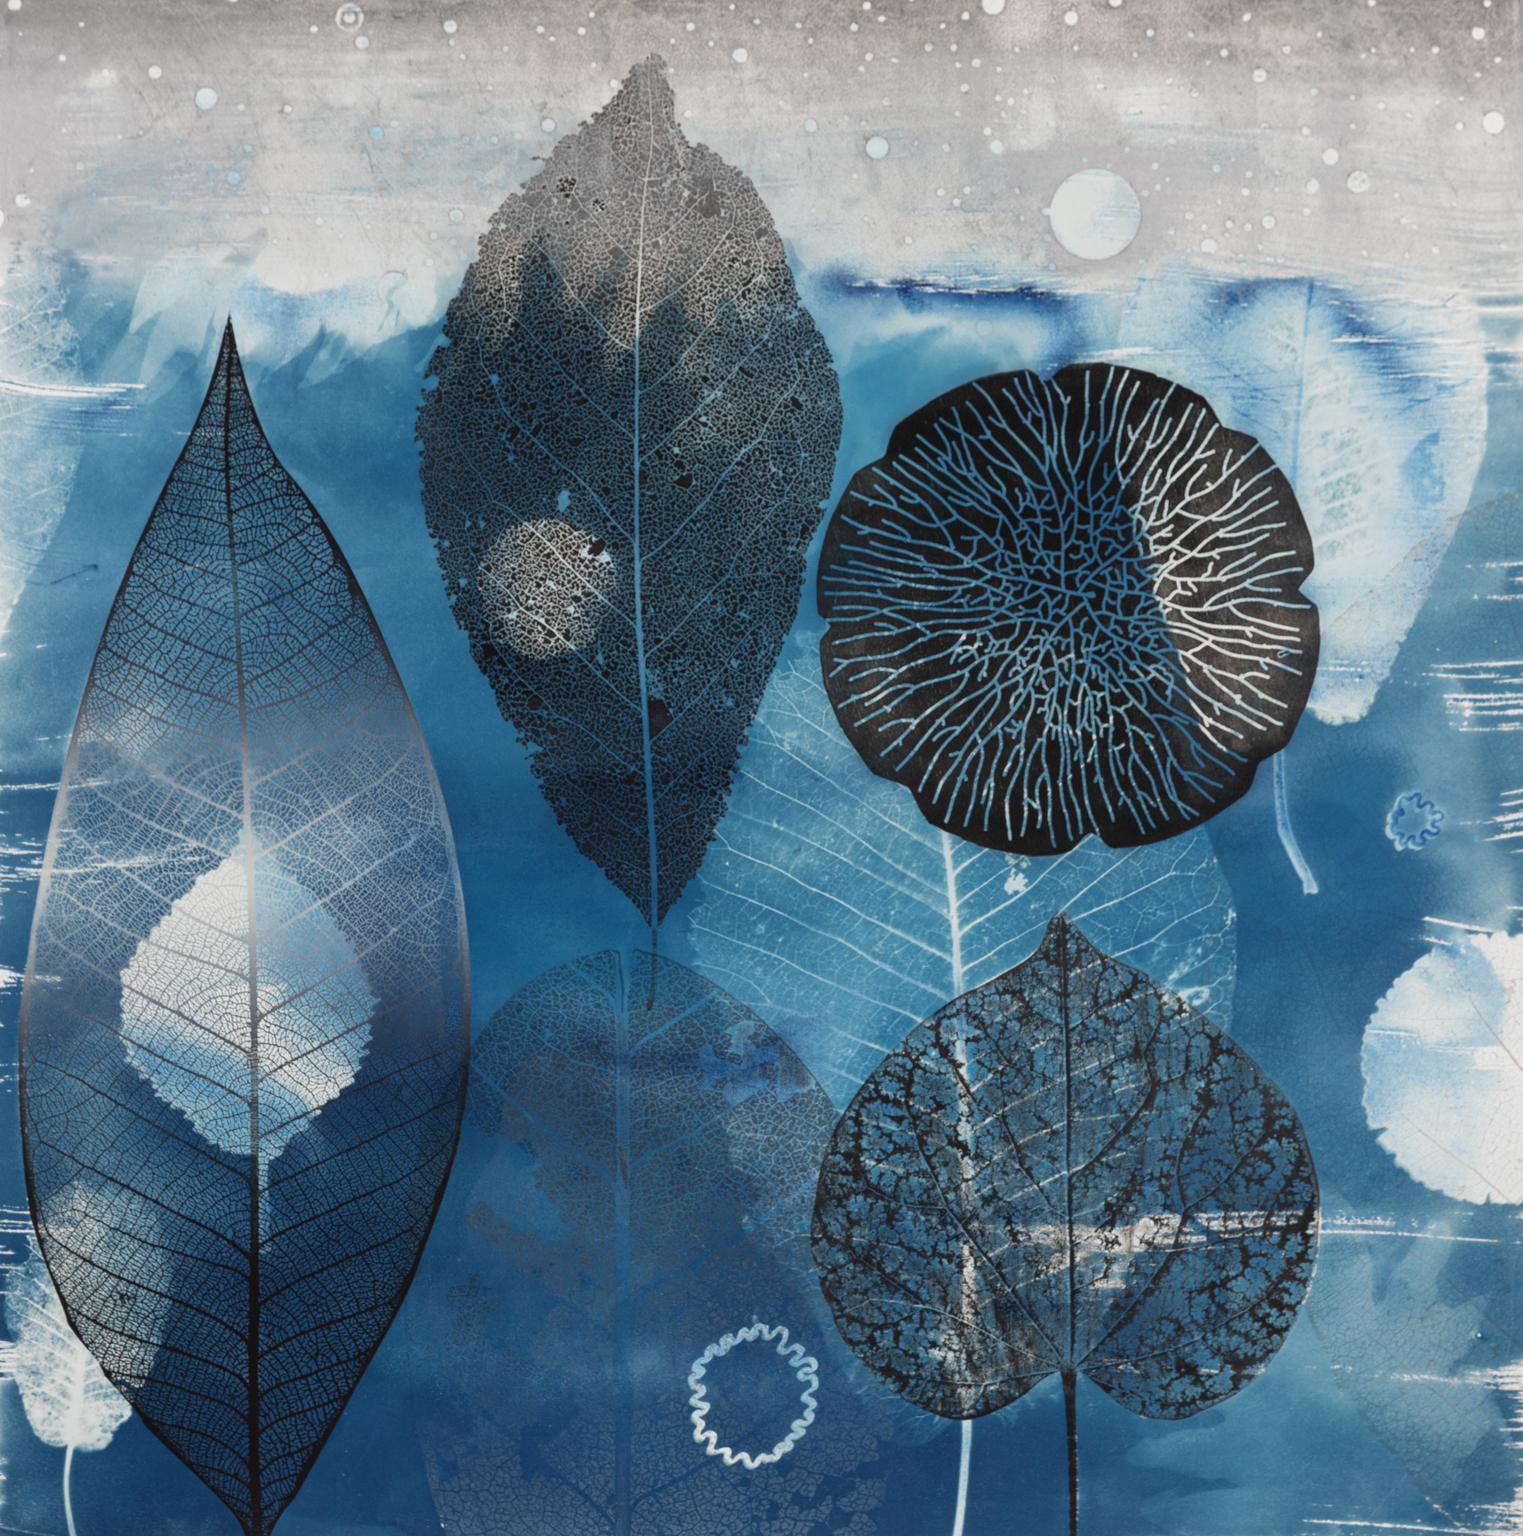 Leaf Ocean - Leaves in Blue Ocean Large Cyanotype Woodcut Monotype